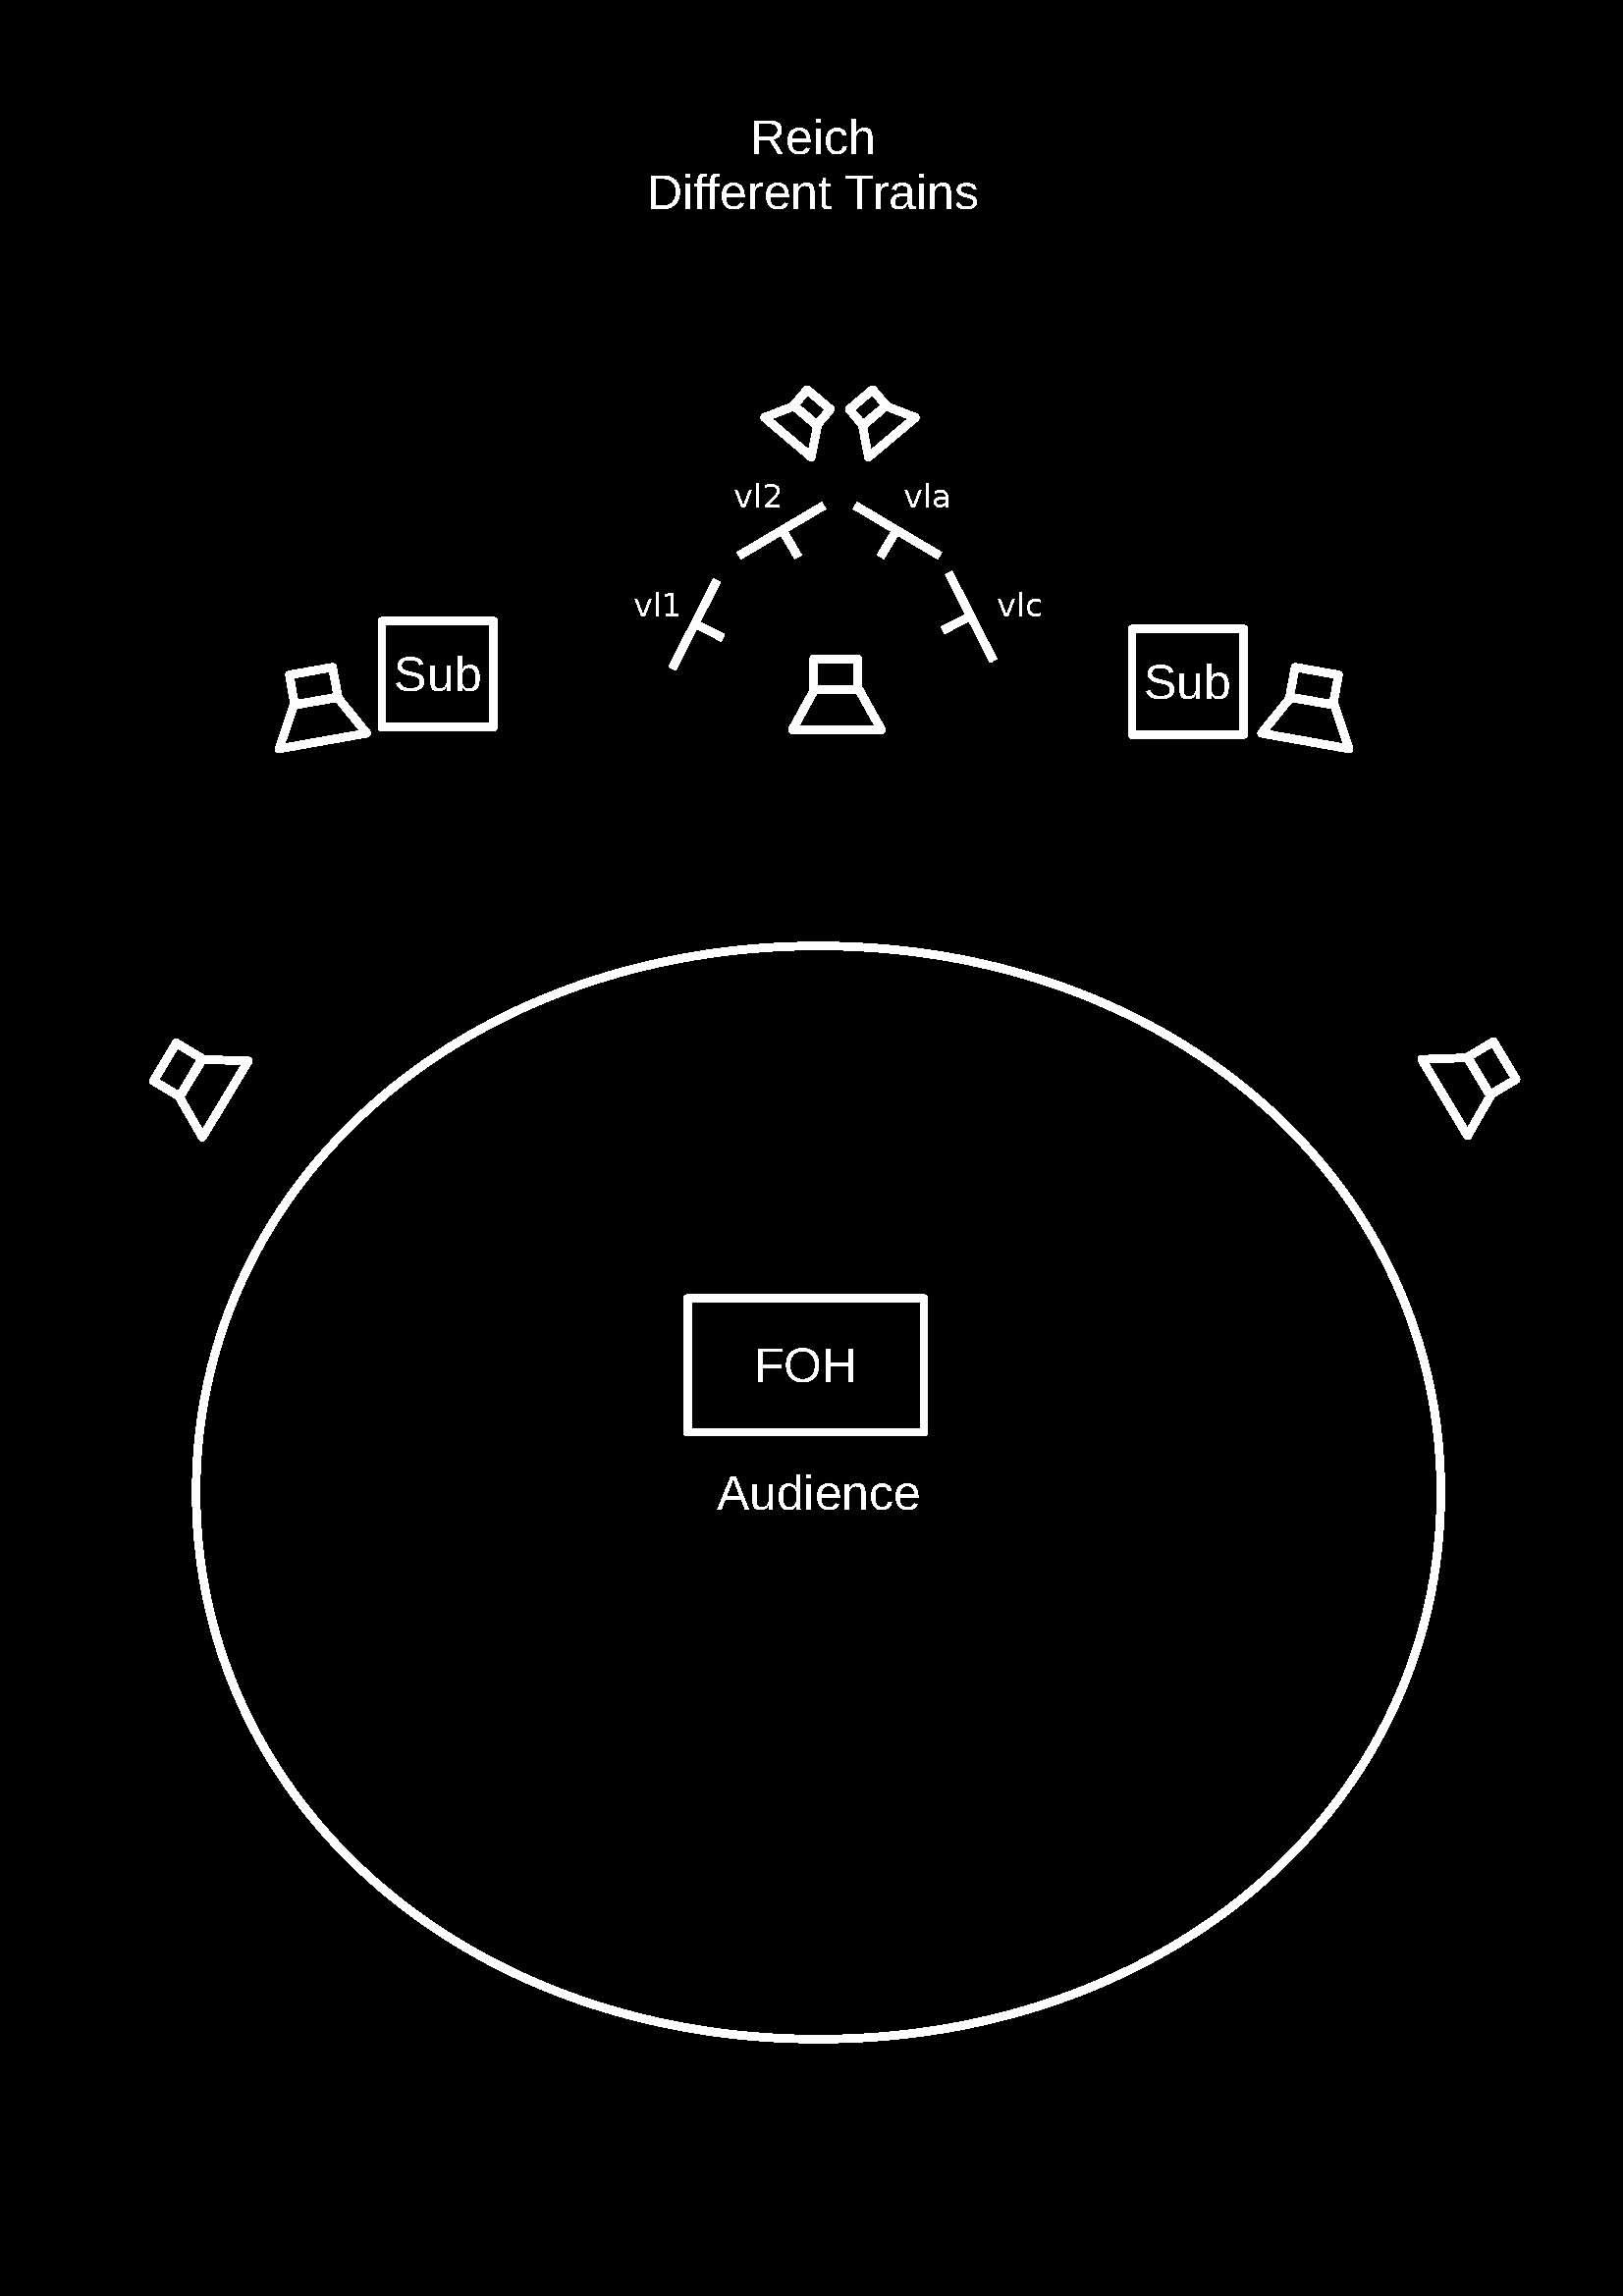 ppeam-reich-differenttrains-rider-black